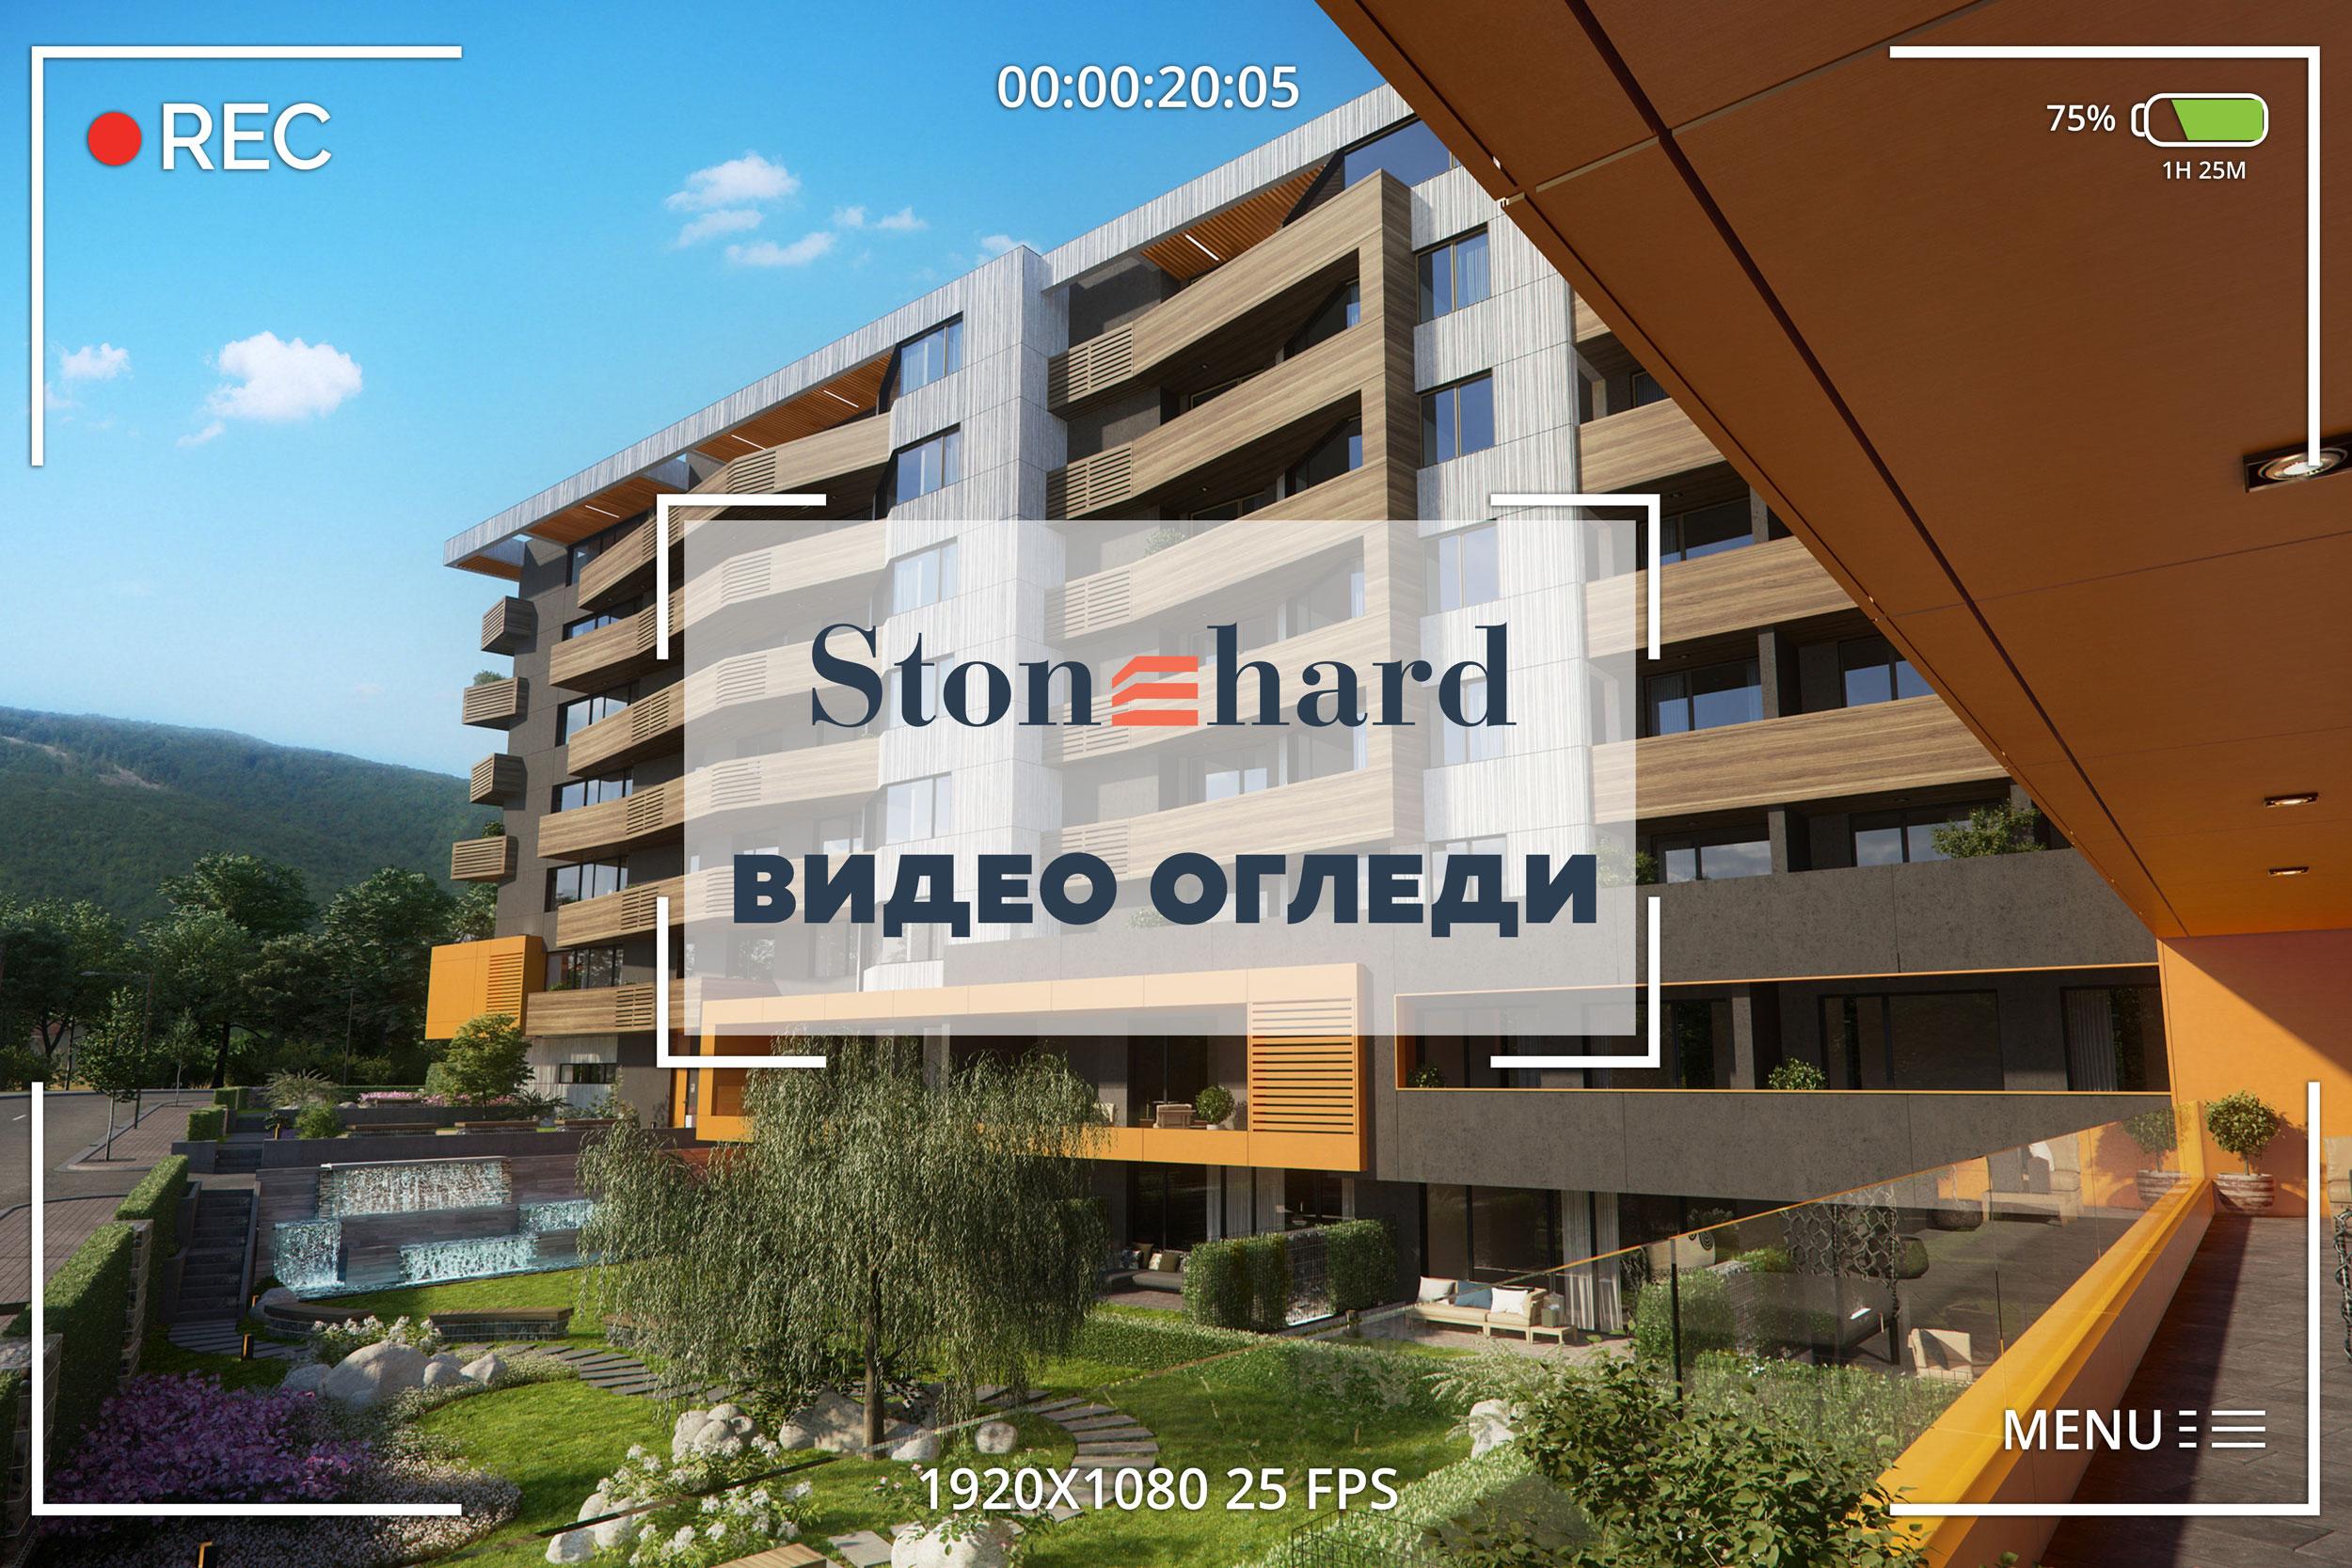 Видео огледите ще движат пазара на имоти в следващите седмици 1 - Stonehard